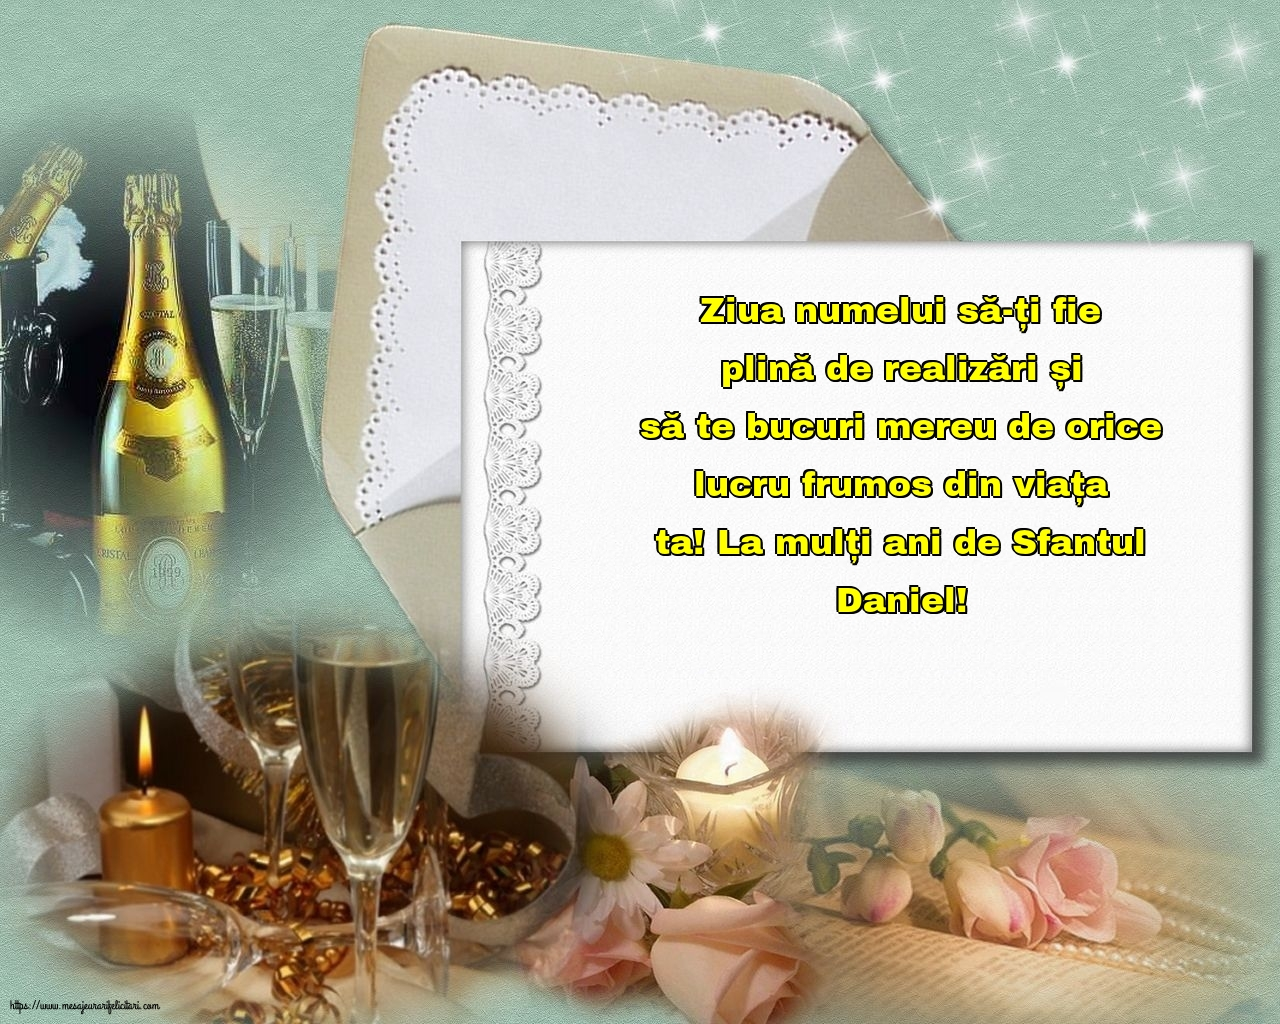 La mulți ani de Sfantul Daniel! - Felicitari onomastice de Sfantul Daniel cu mesaje